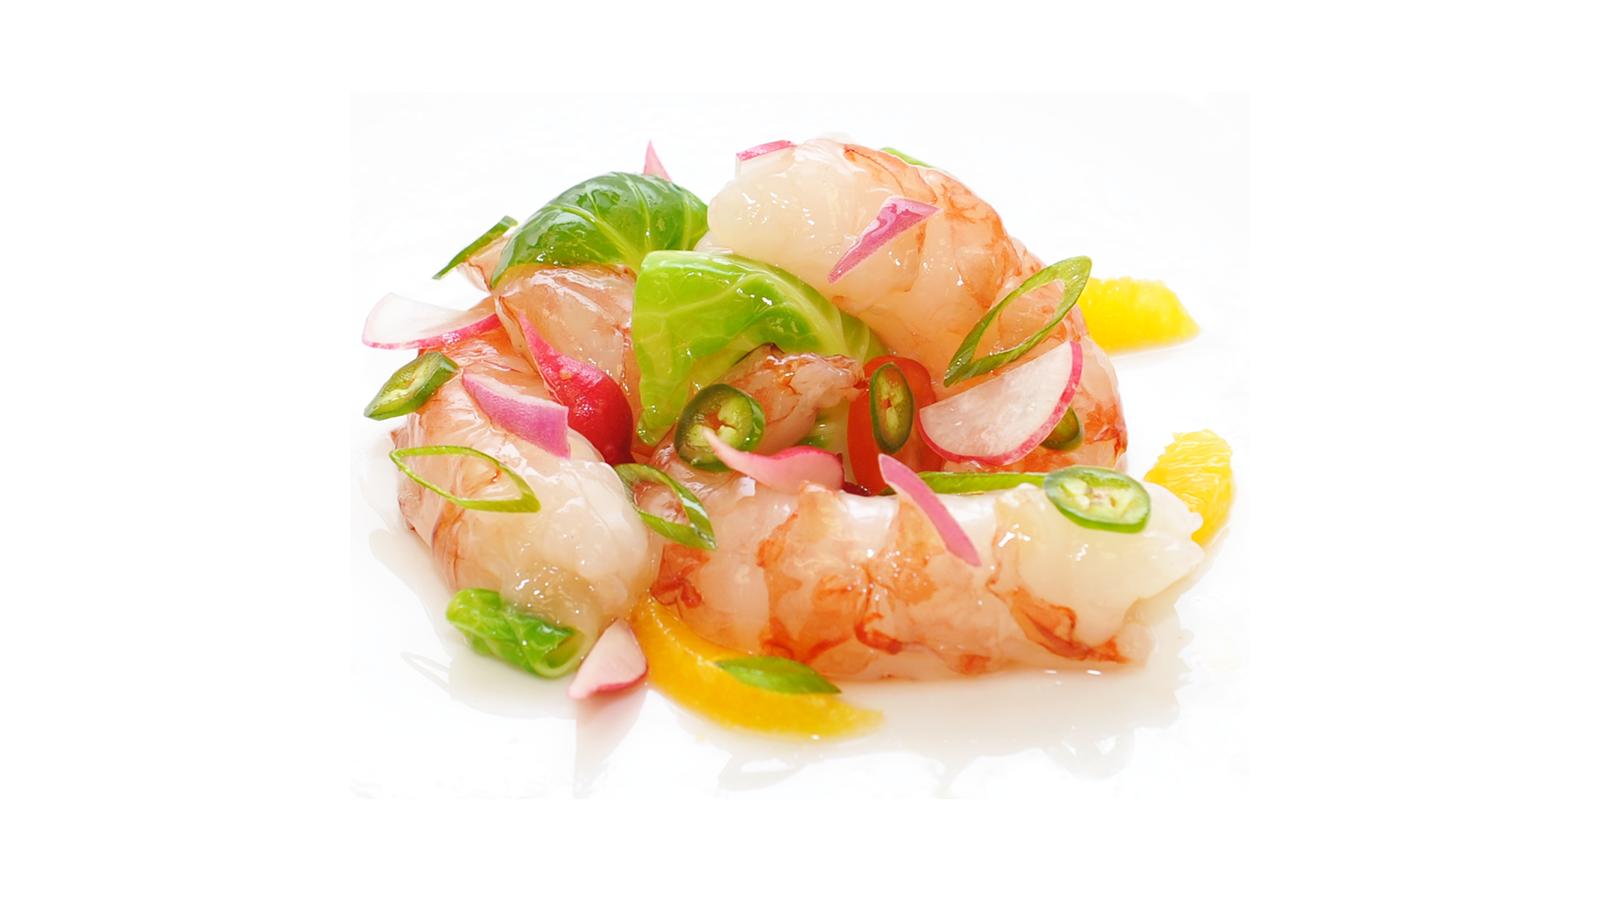 Argentine Shrimp Cevice - Pickled Vegetable Salad